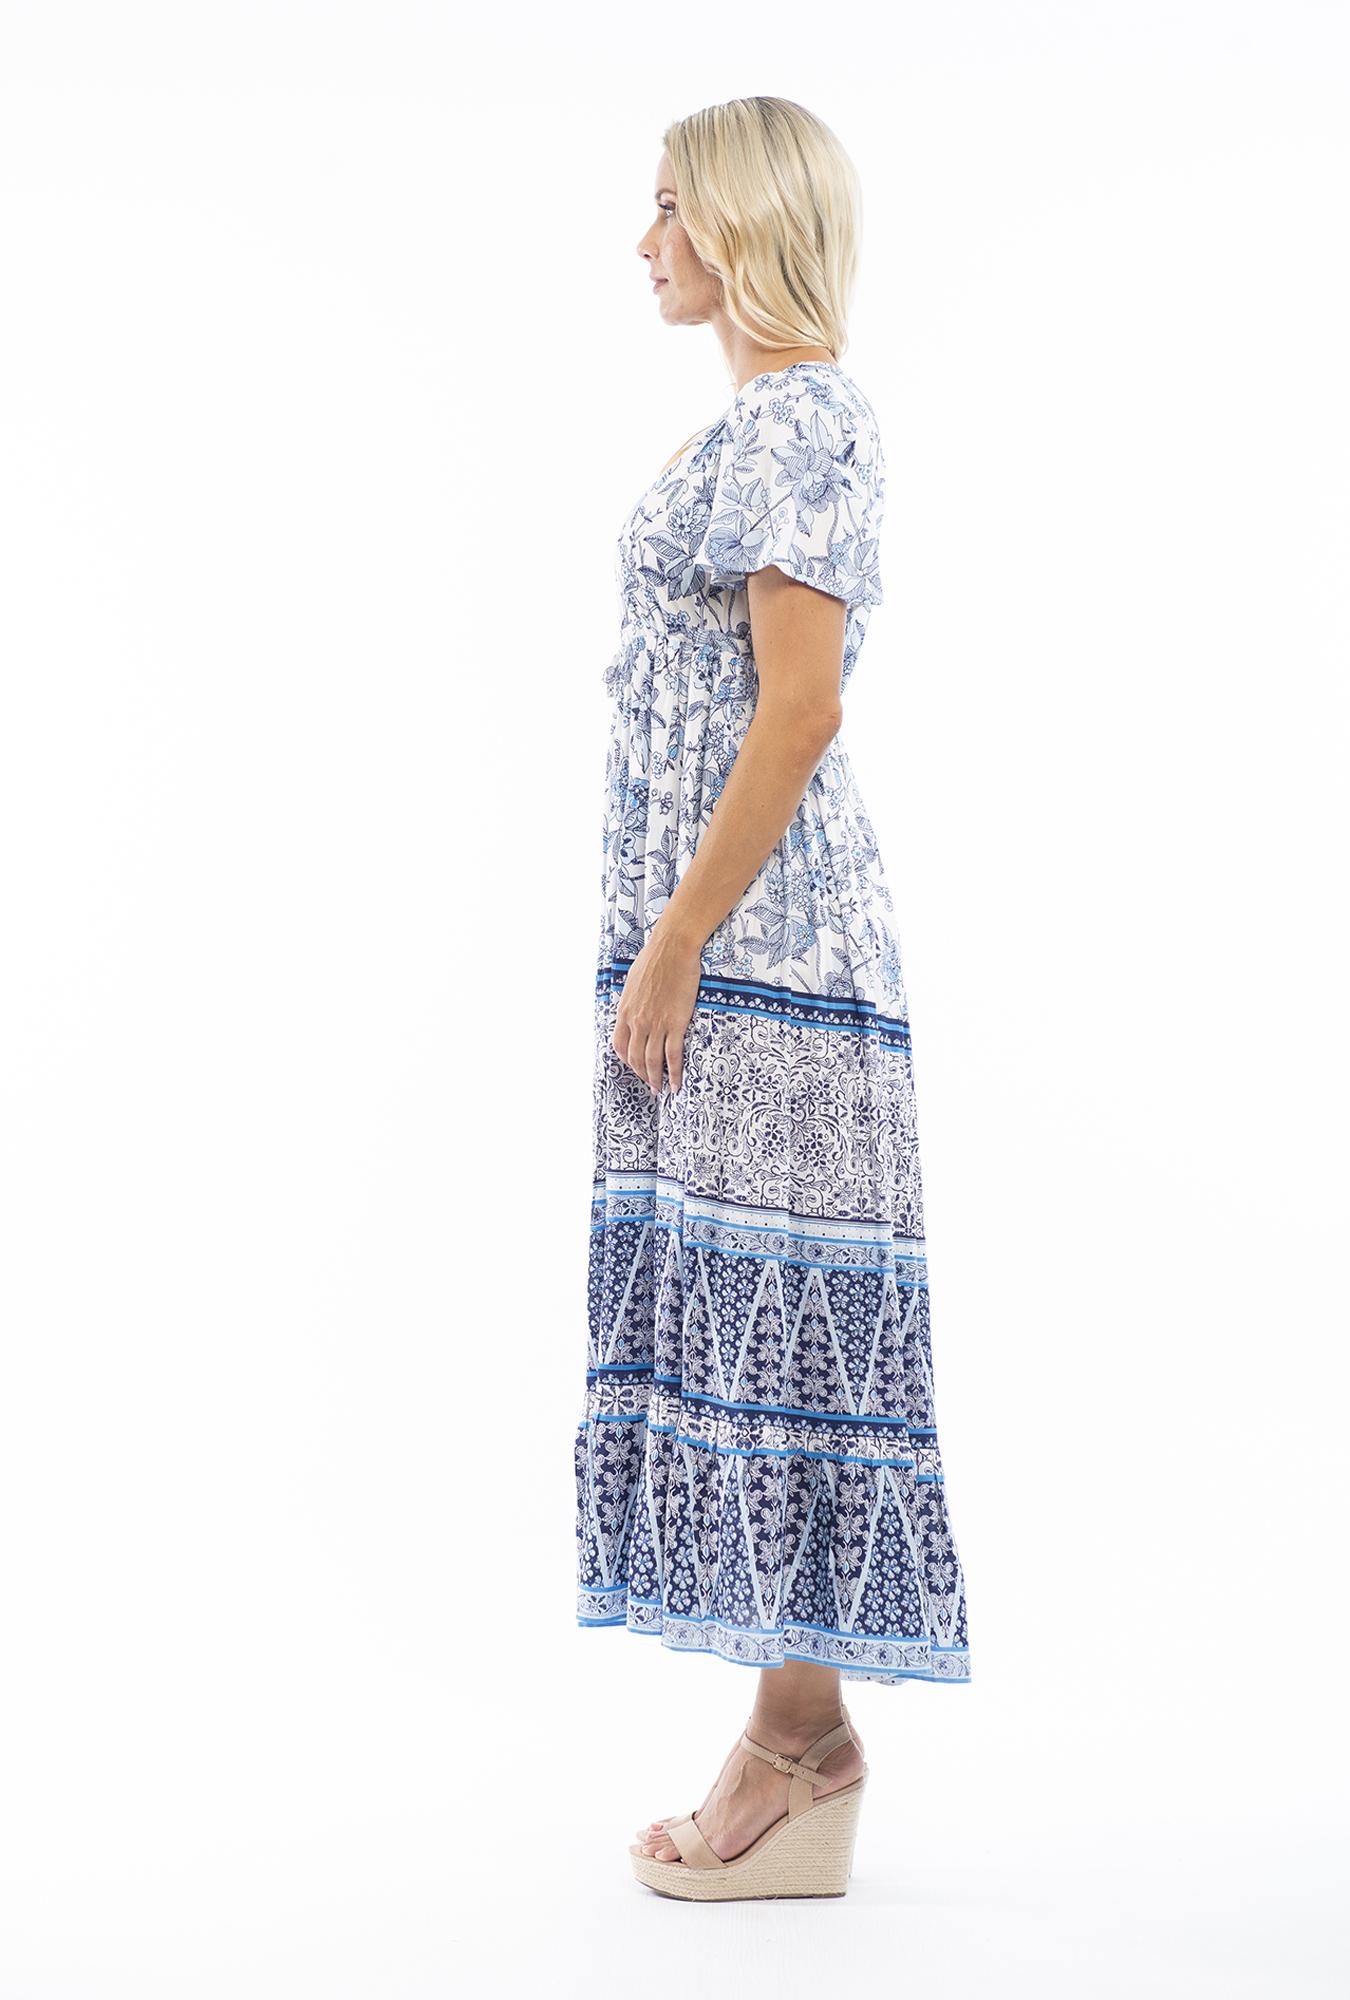 Indigo Maxi Dress in Avignon